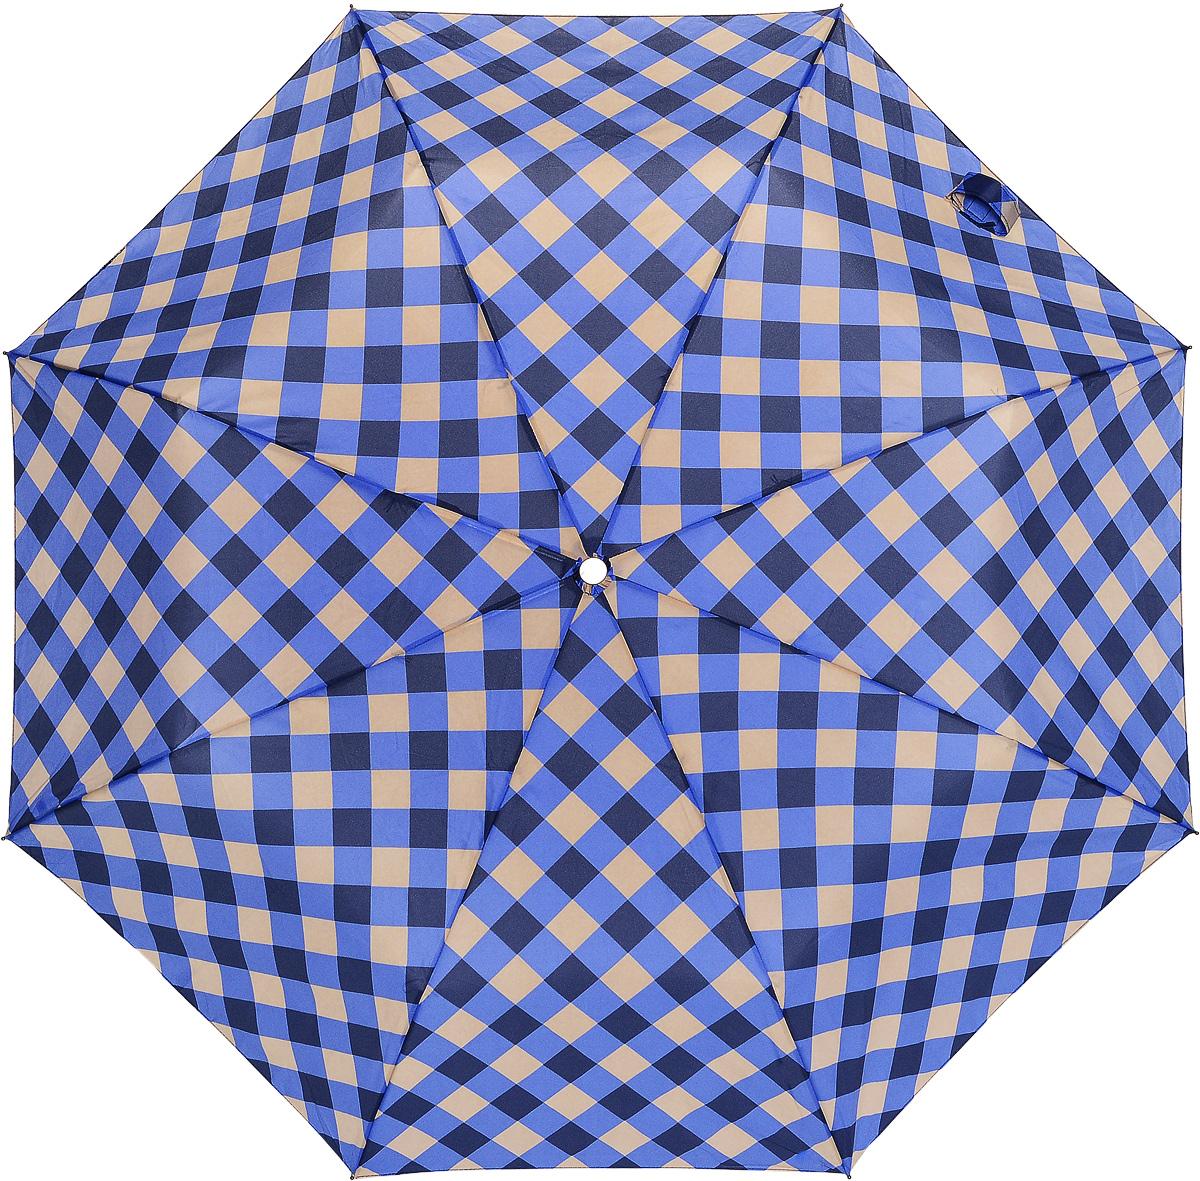 C-Collection 512-3 Зонт механический 3 сл. жен.512-3Зонт испанского производителя Clima. В производстве зонтов используются современные материалы, что делает зонты легкими, но в то же время крепкими.Механический, 3 сложений, 7 спиц по 55см, полиэстер.